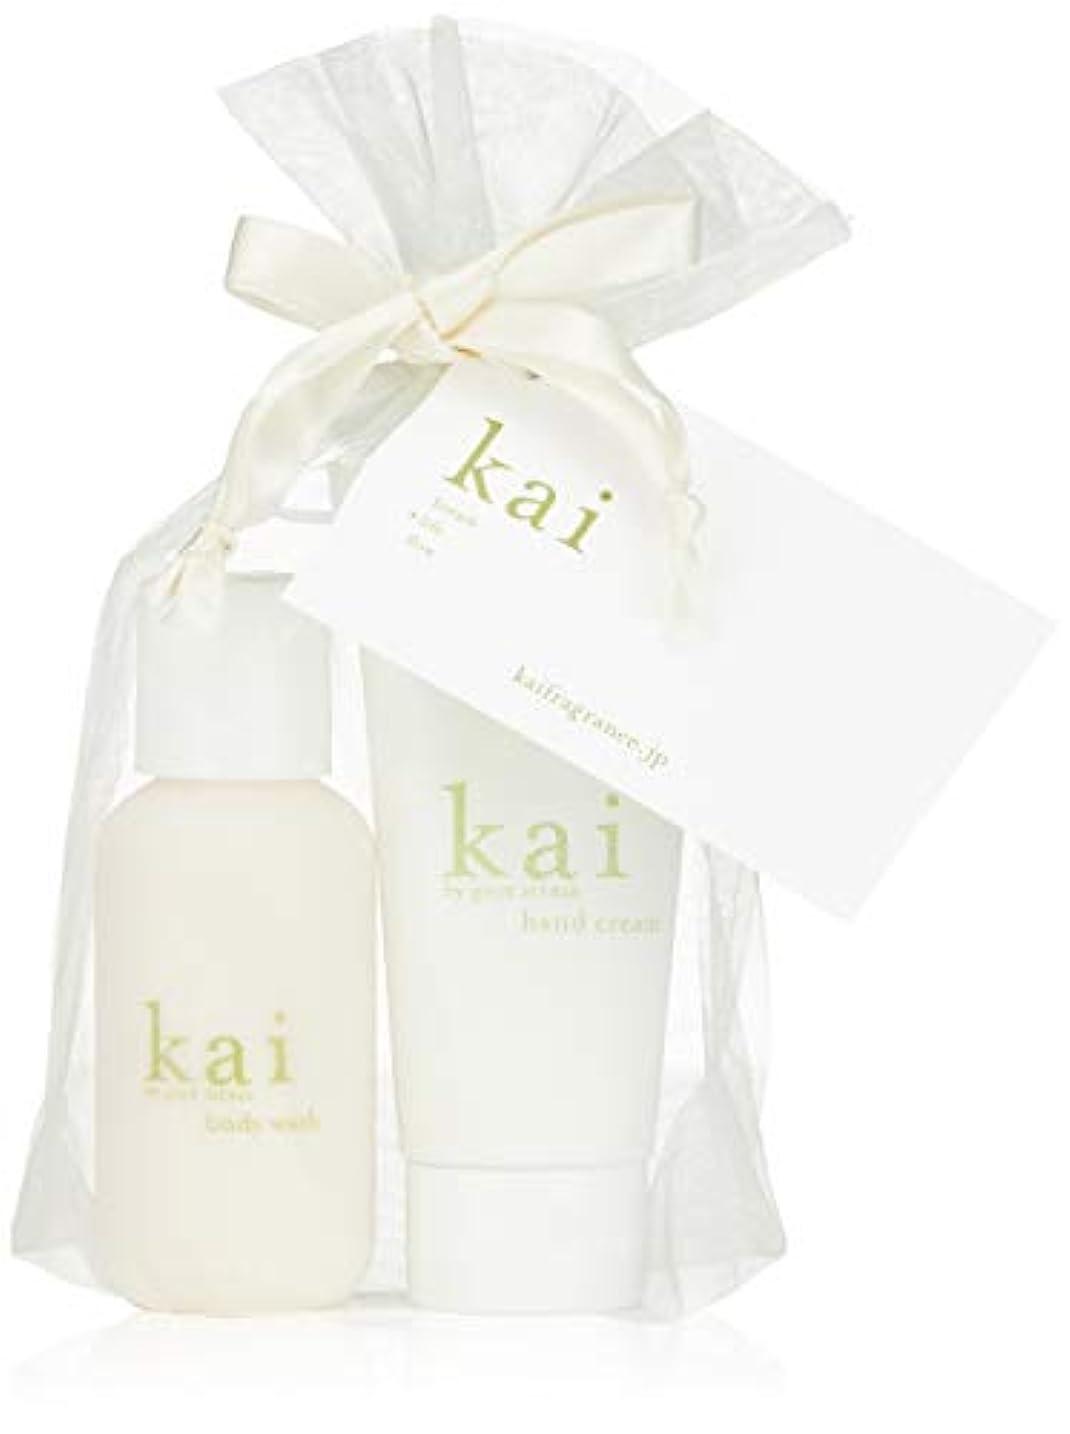 ポジションディレクトリクレタkai fragrance(カイ フレグランス) ハンドクリーム&ミニボディウォッシュ 59×2ml